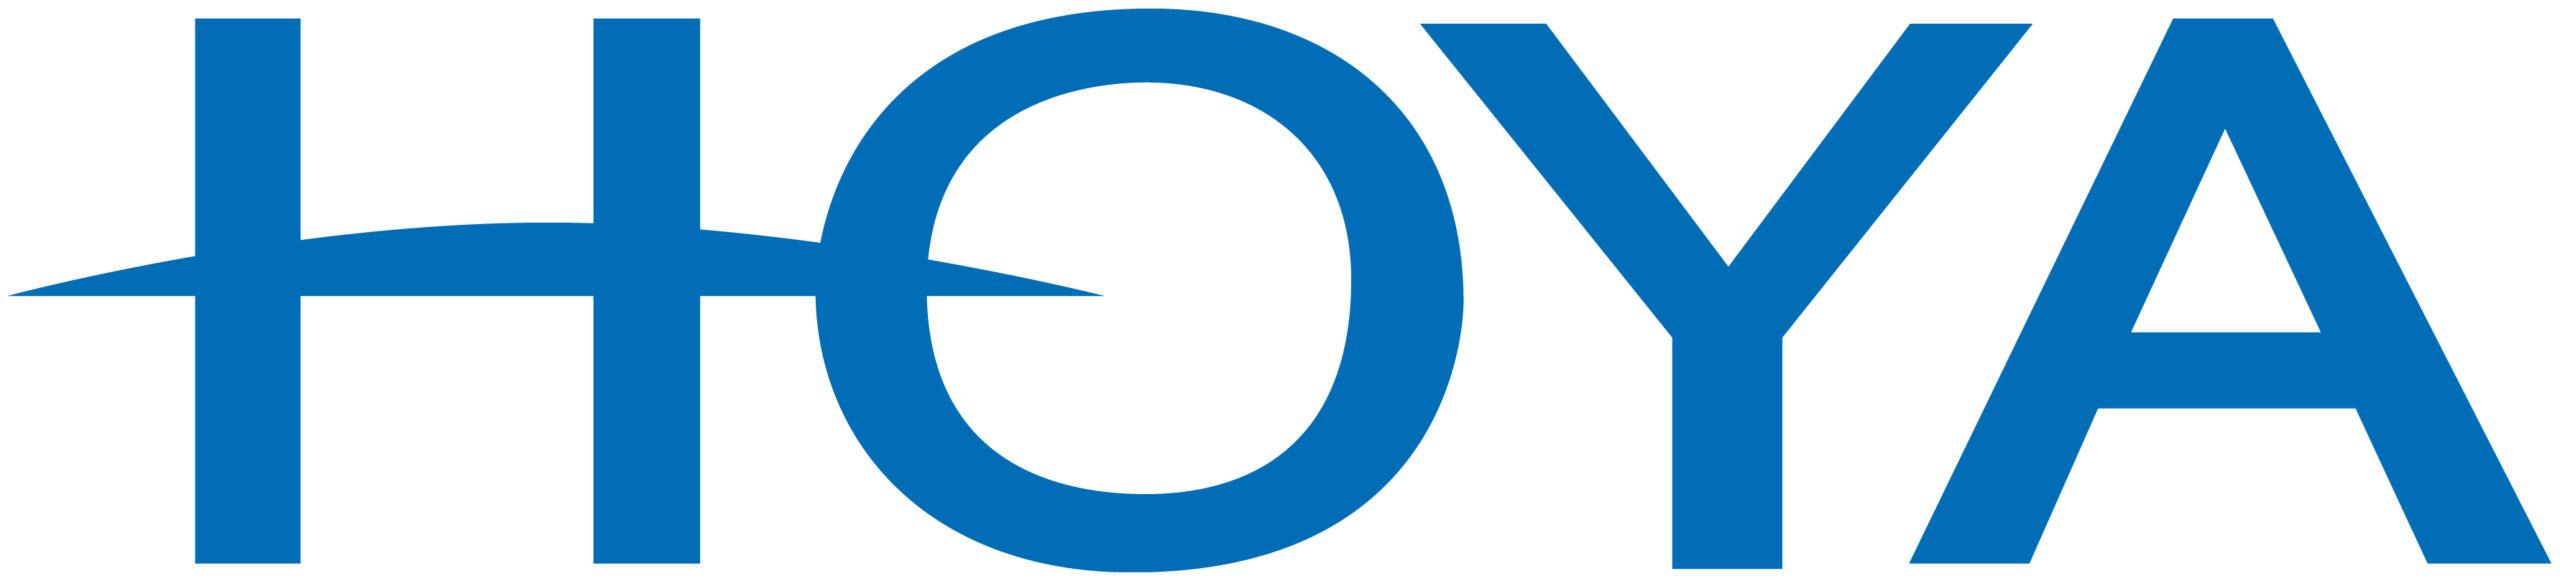 hoya_logo2